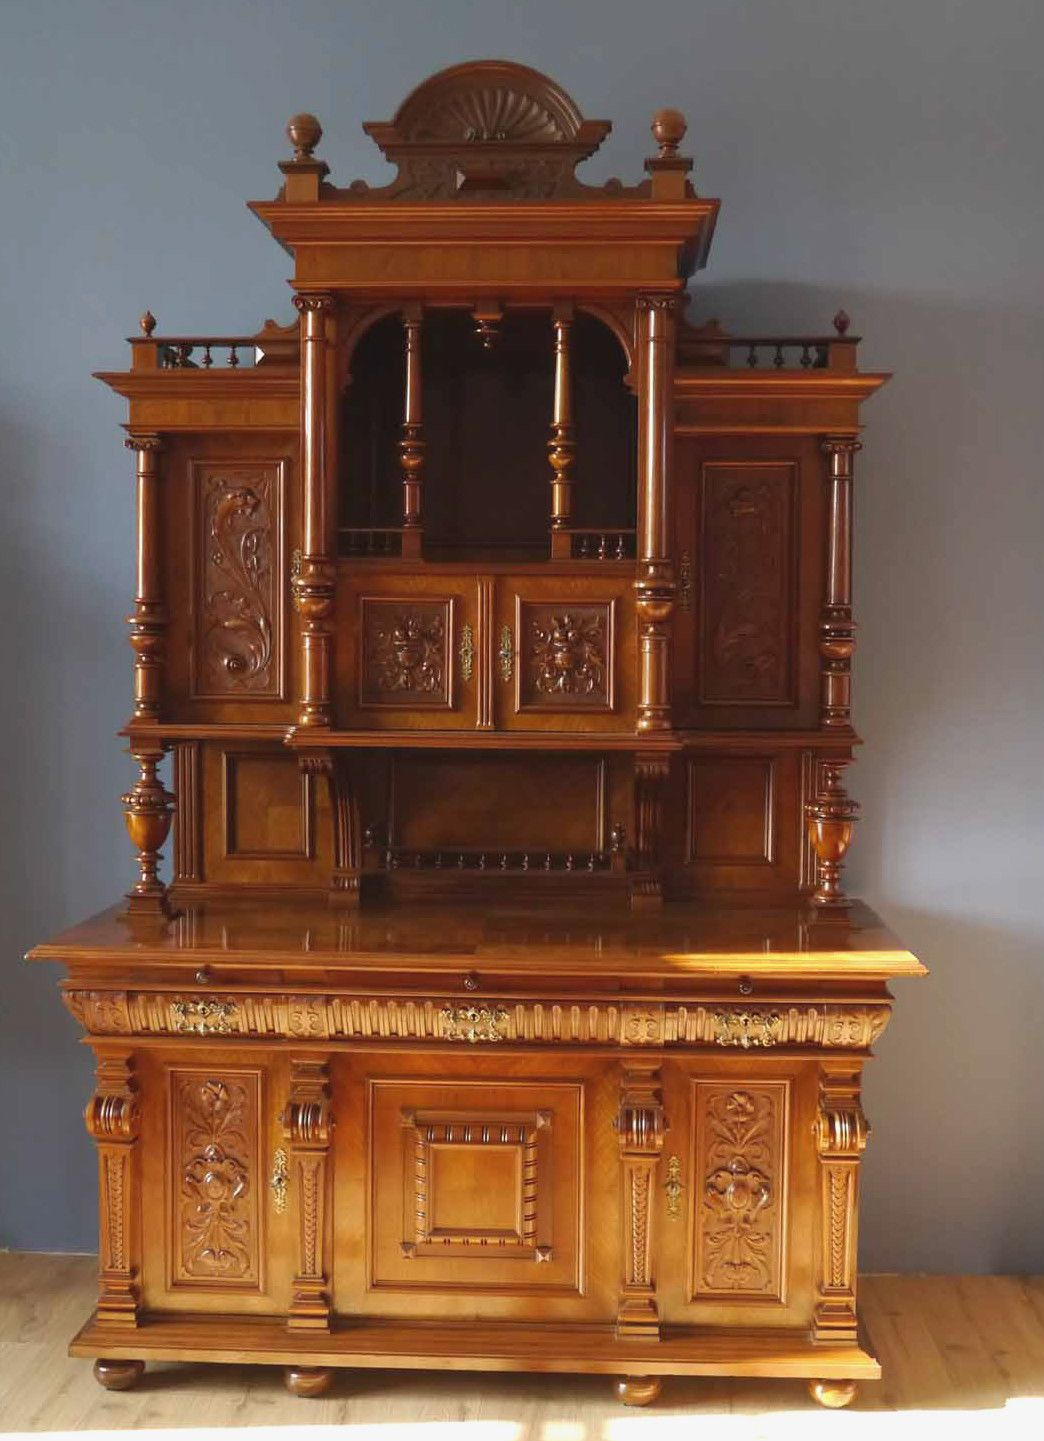 deutsches gr nderzeit buffet nussbaum restauriert um 1880 in antiquit ten kunst mobiliar. Black Bedroom Furniture Sets. Home Design Ideas